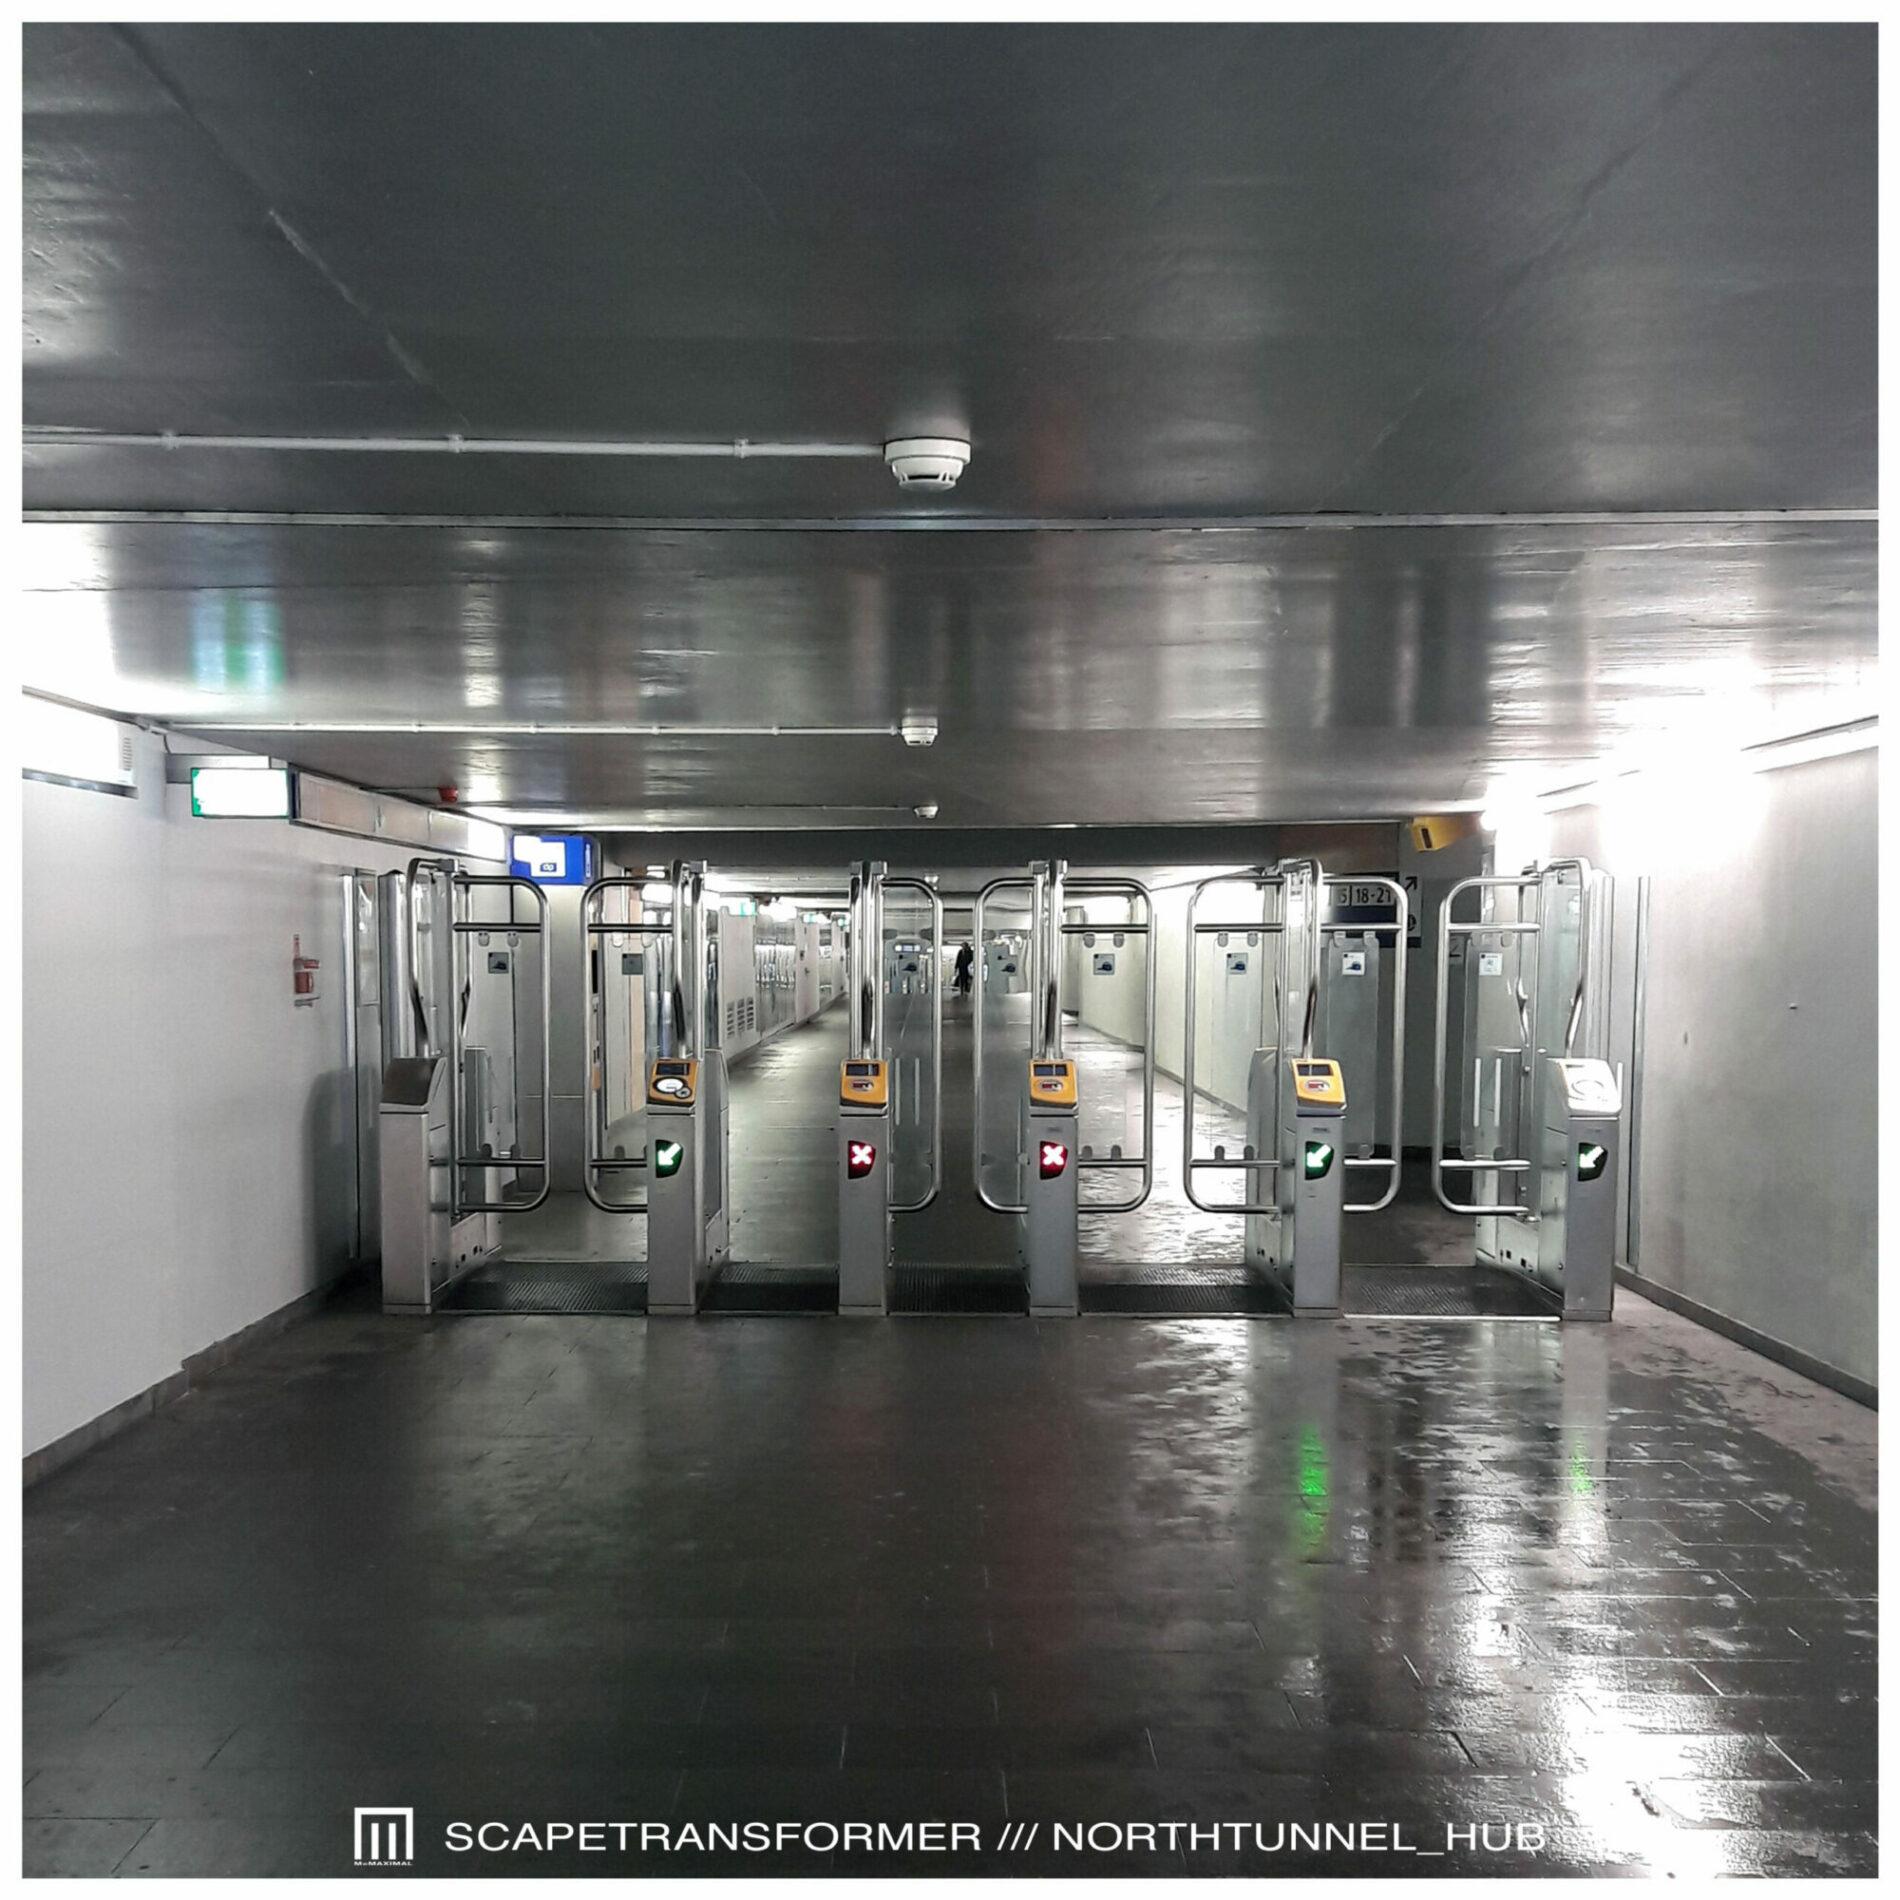 Scapetransformer - Northtunnel